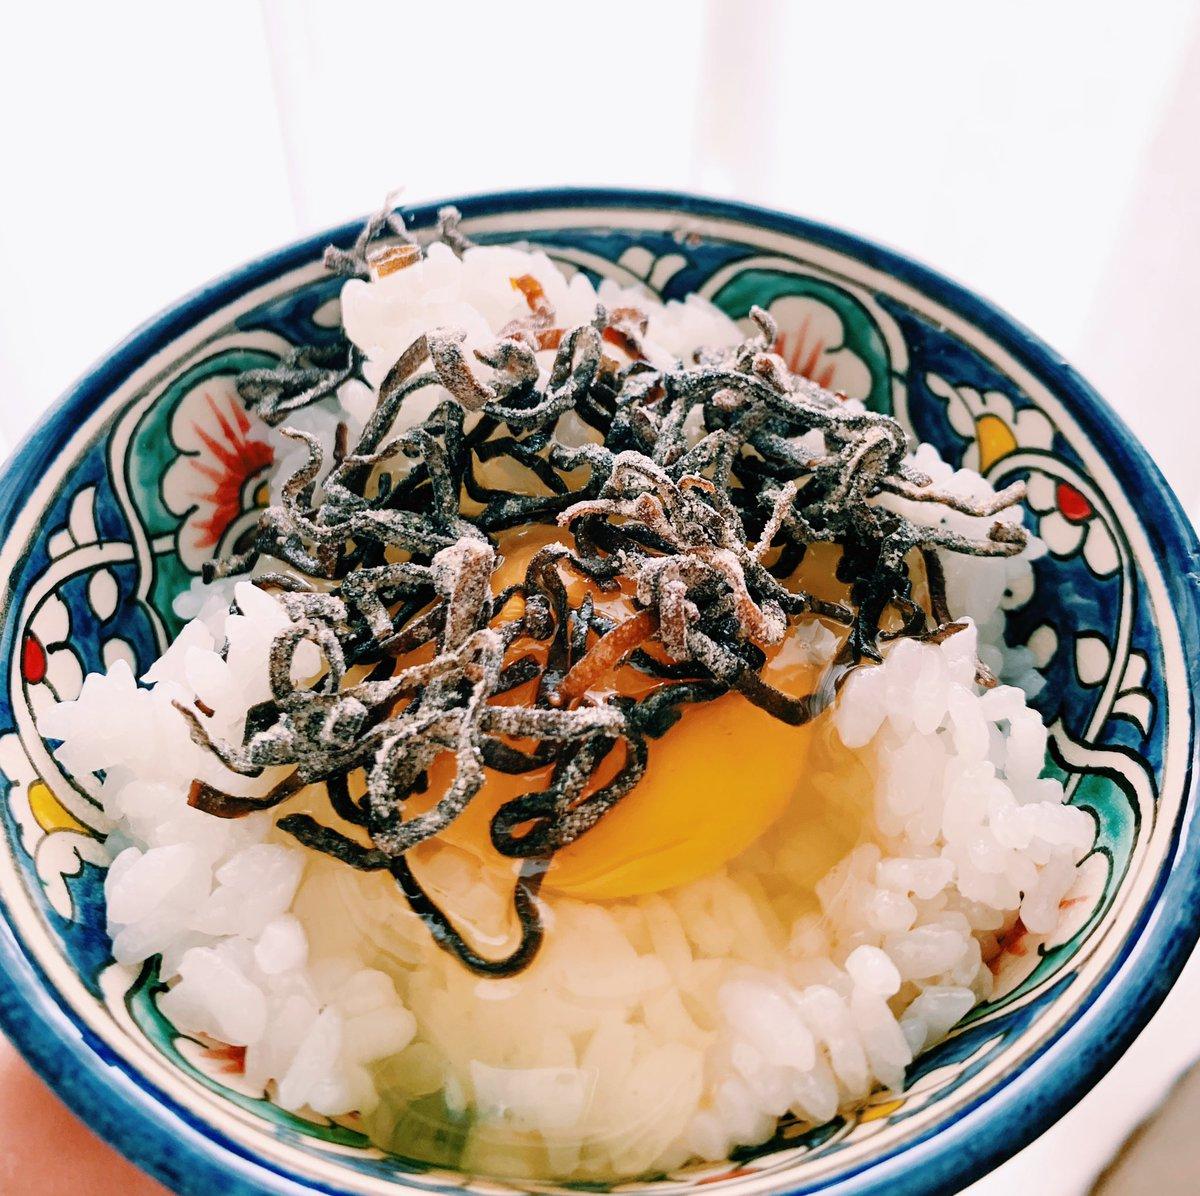 簡単に作れて、なおかつ美味しそう!「卵かけご飯」のアレンジレシピ!